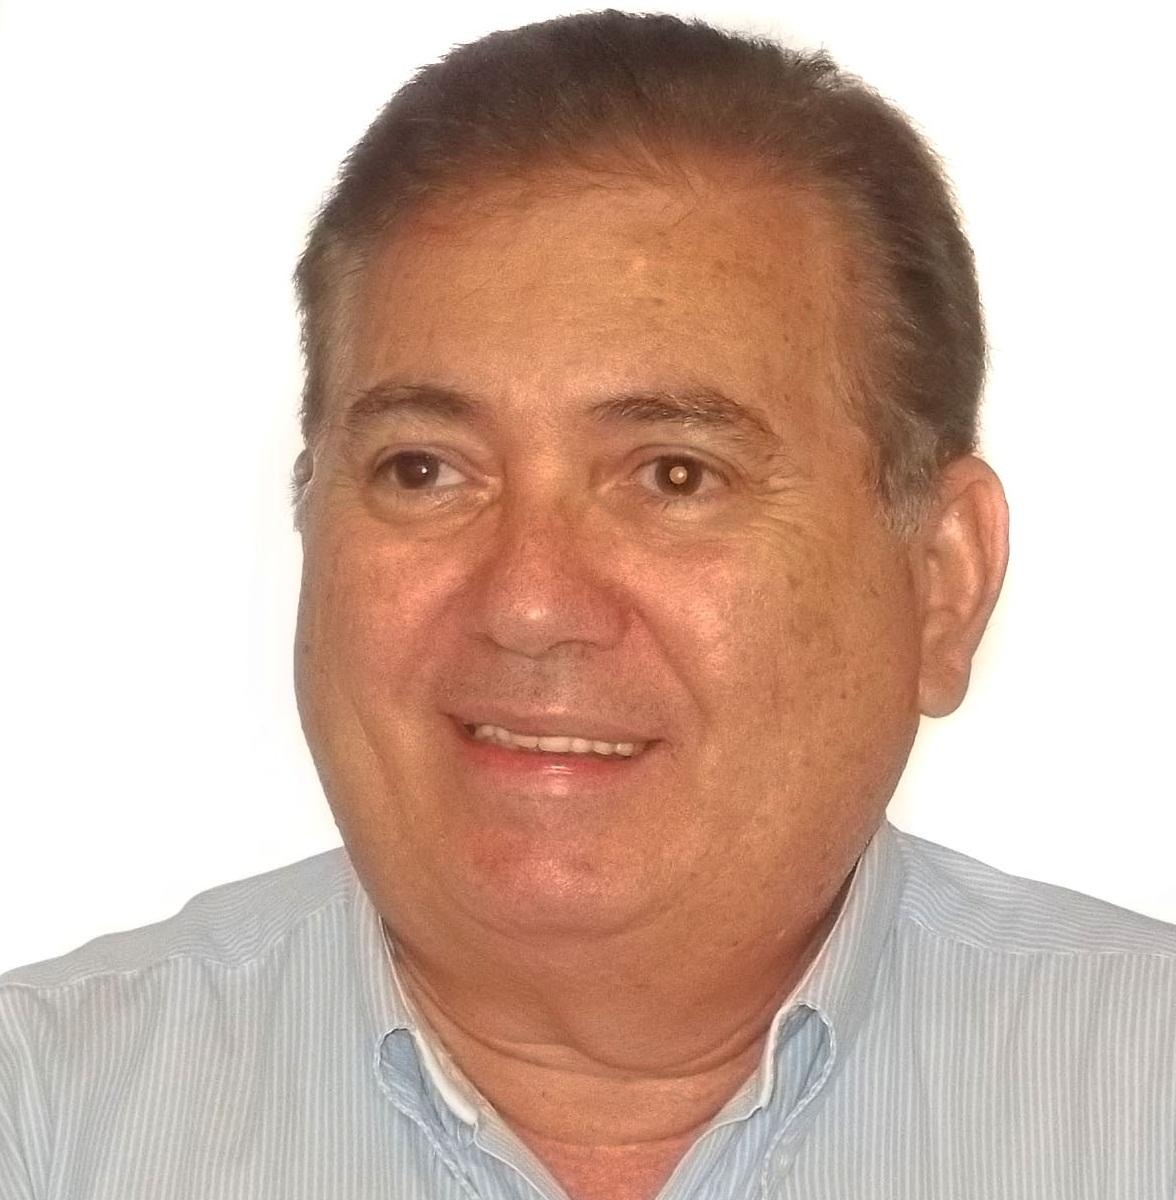 Roberto Jorge de Câmara Cardoso: especialidade do centro de pesquisa está focada nos produtos cimentícios.